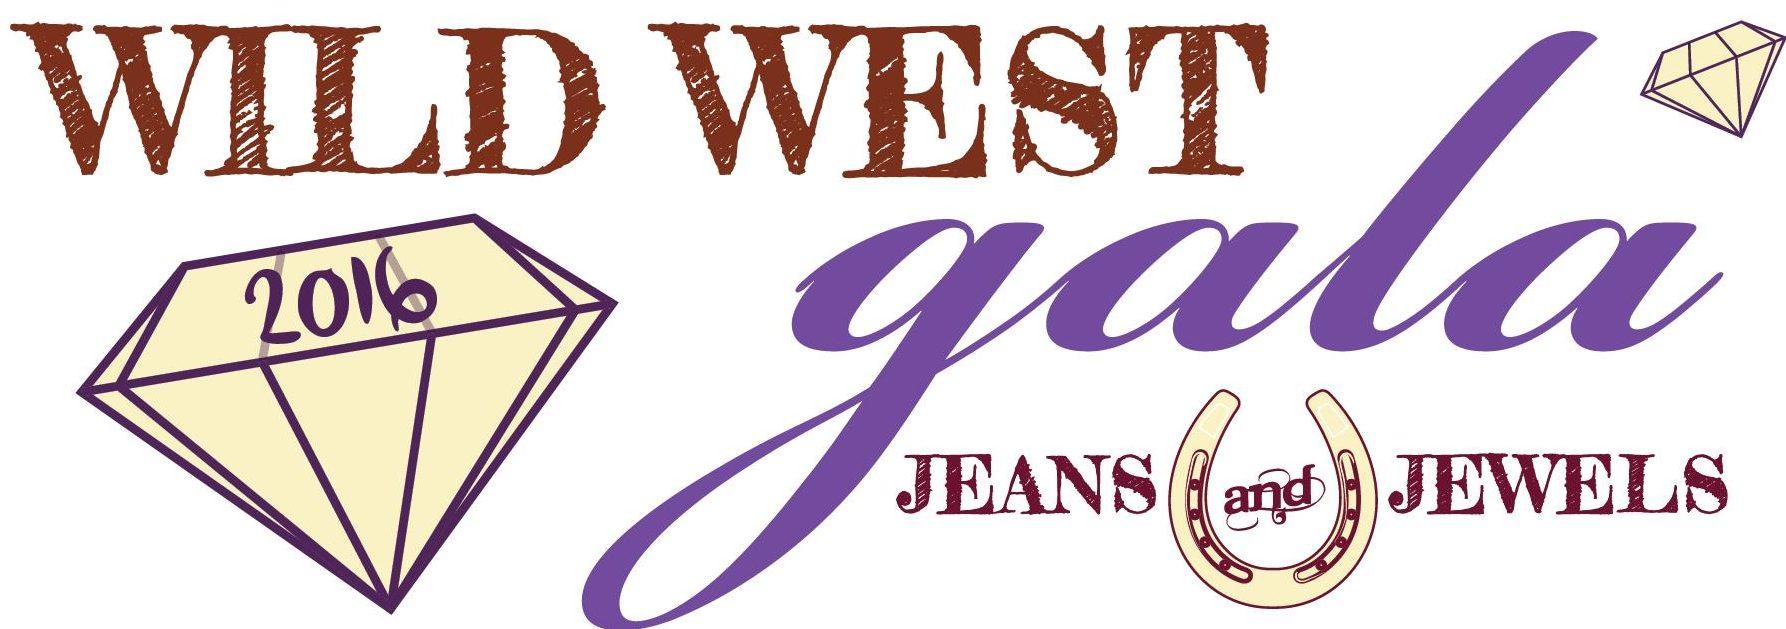 logo-for-wwg-2016